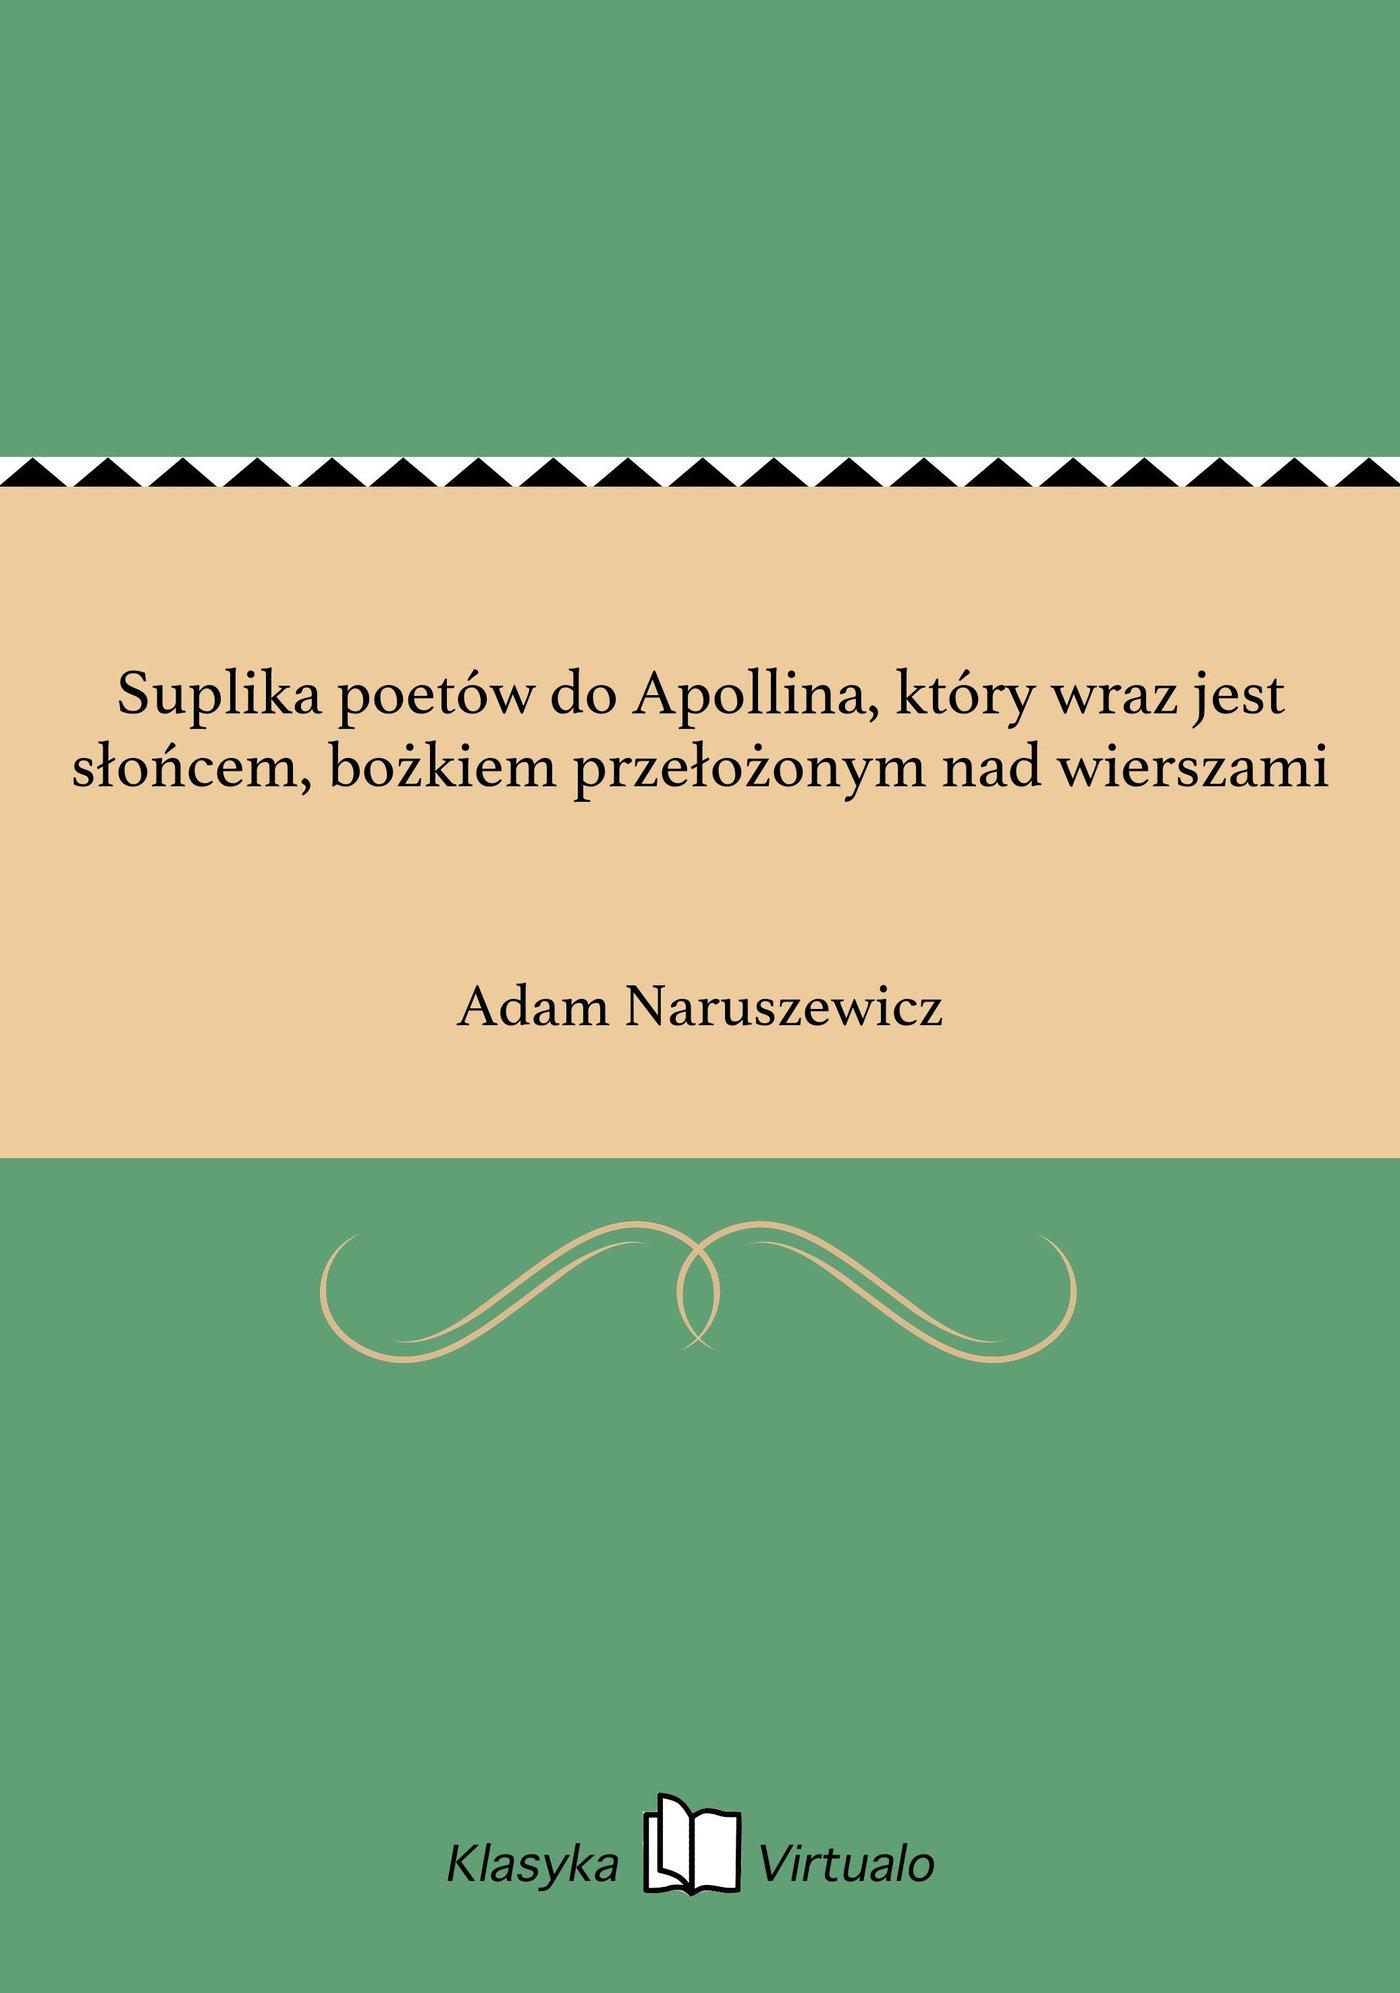 Suplika poetów do Apollina, który wraz jest słońcem, bożkiem przełożonym nad wierszami - Ebook (Książka na Kindle) do pobrania w formacie MOBI